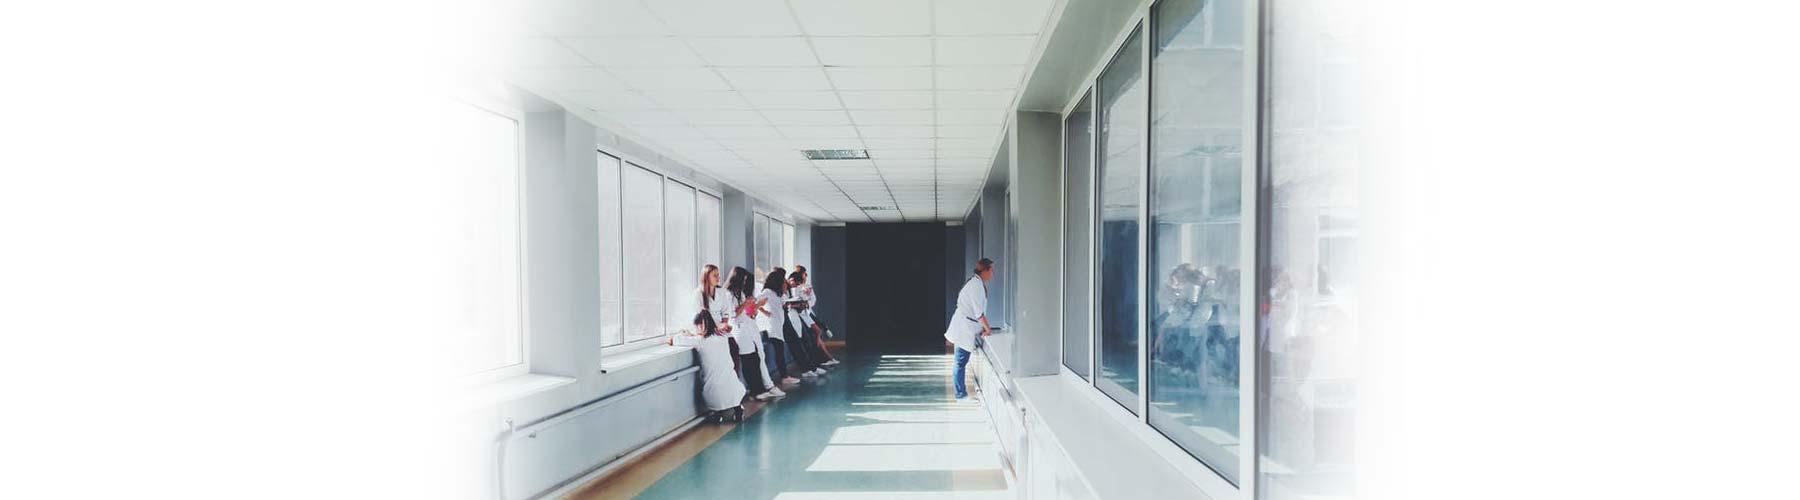 OPE Enfermería de Extremadura en 2011